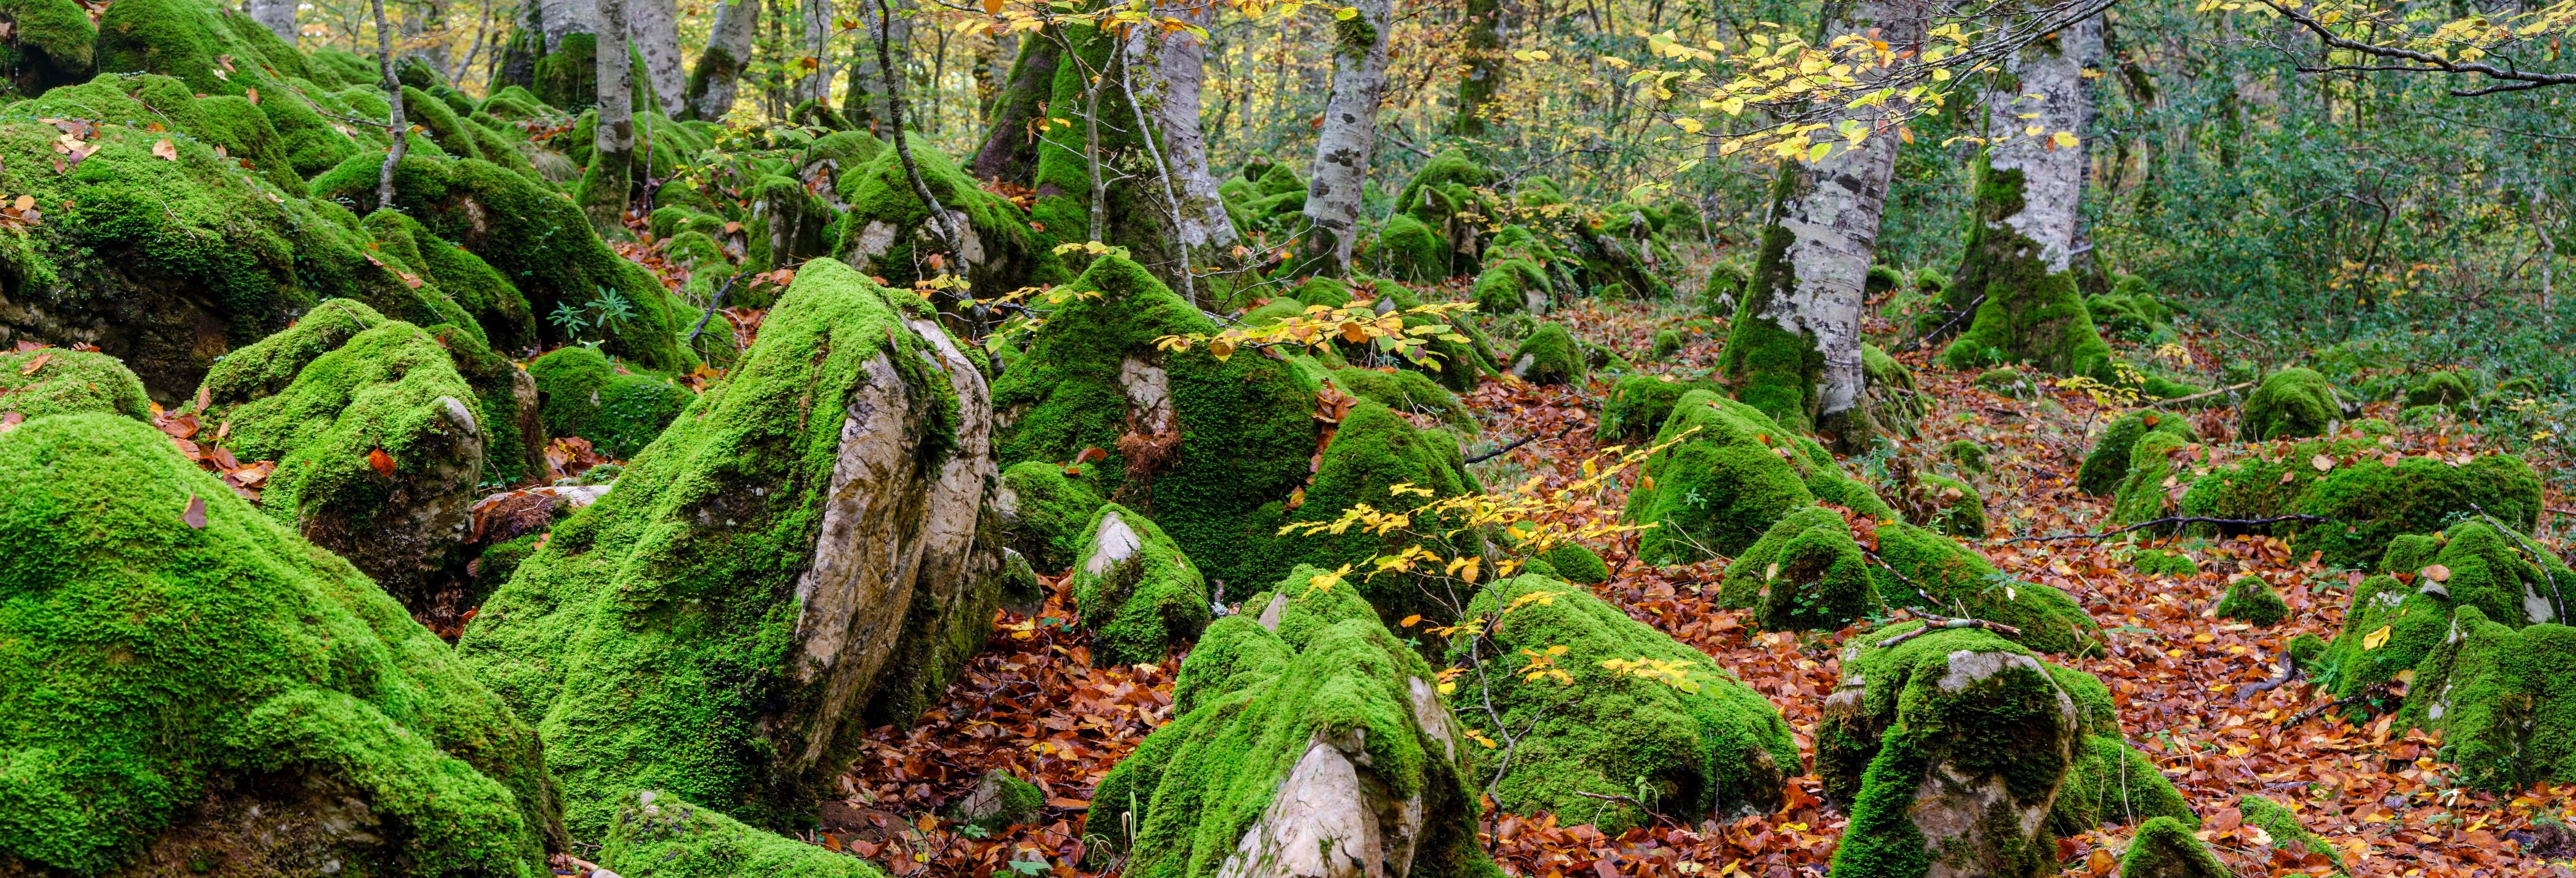 Excursión a la Selva de Irati